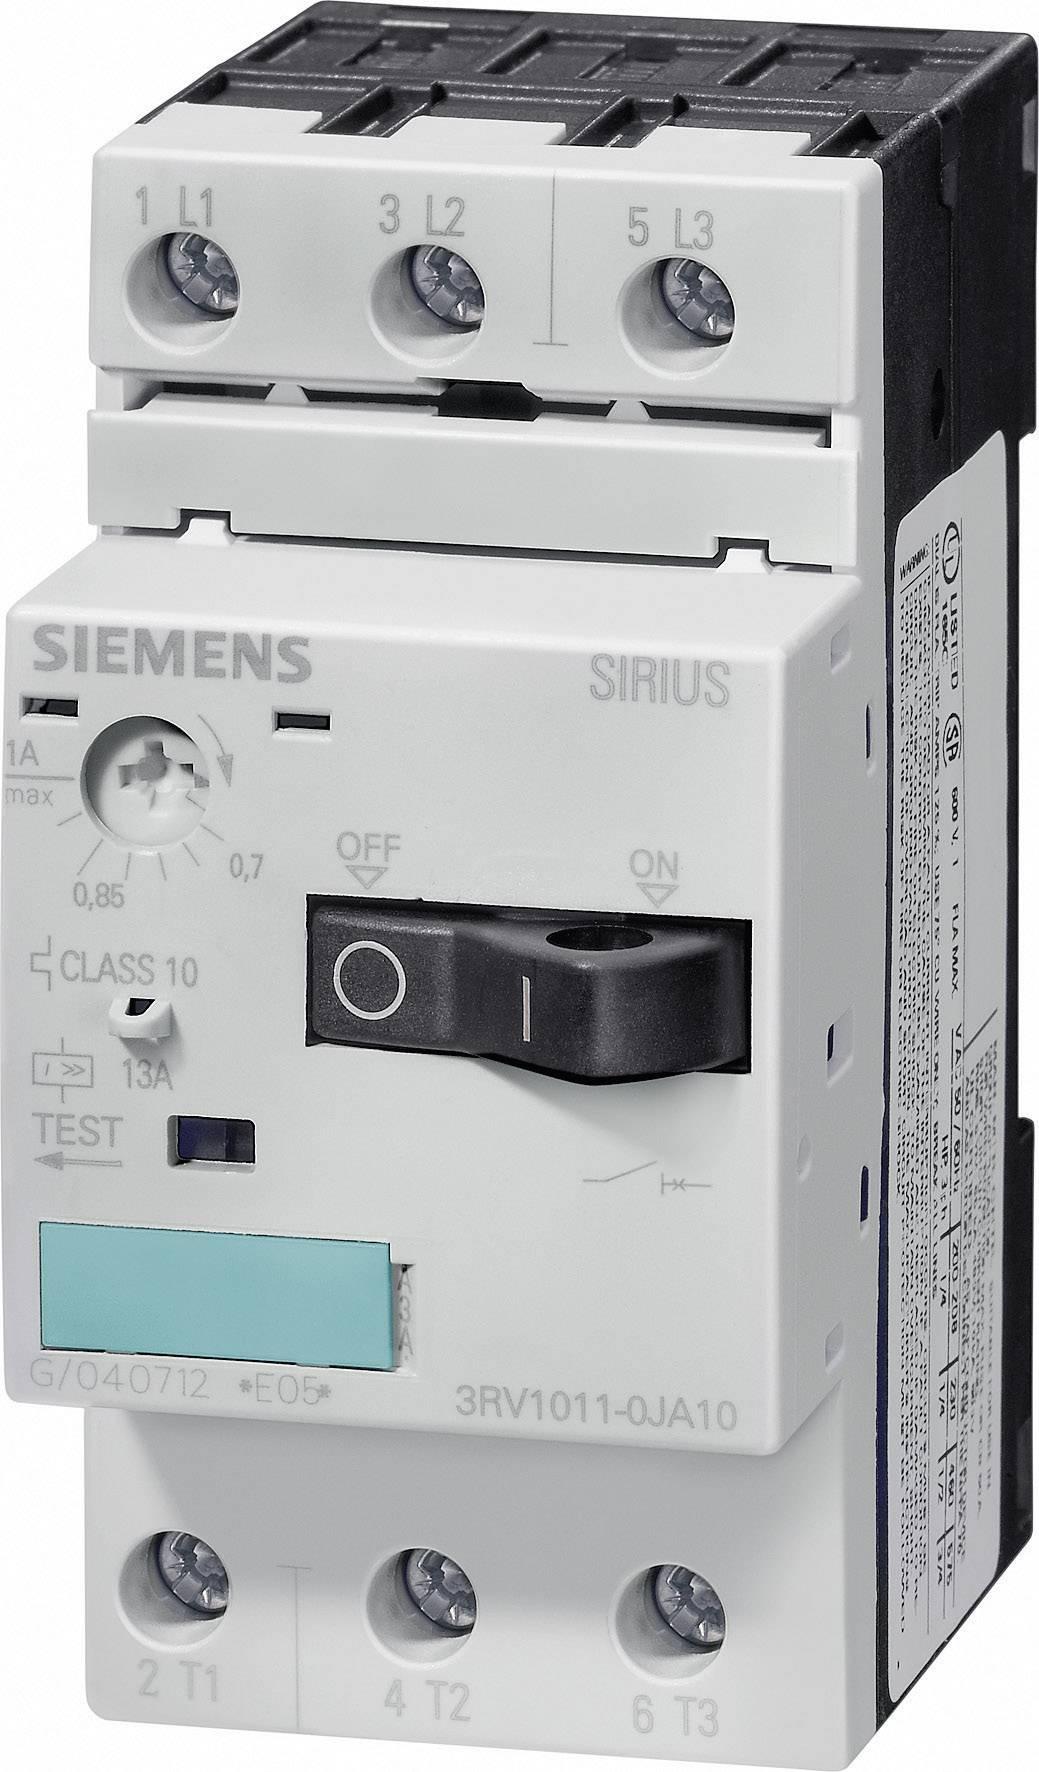 Výkonový spínač Siemens 3RV1011-0JA10, 0,70 - 1,00 A